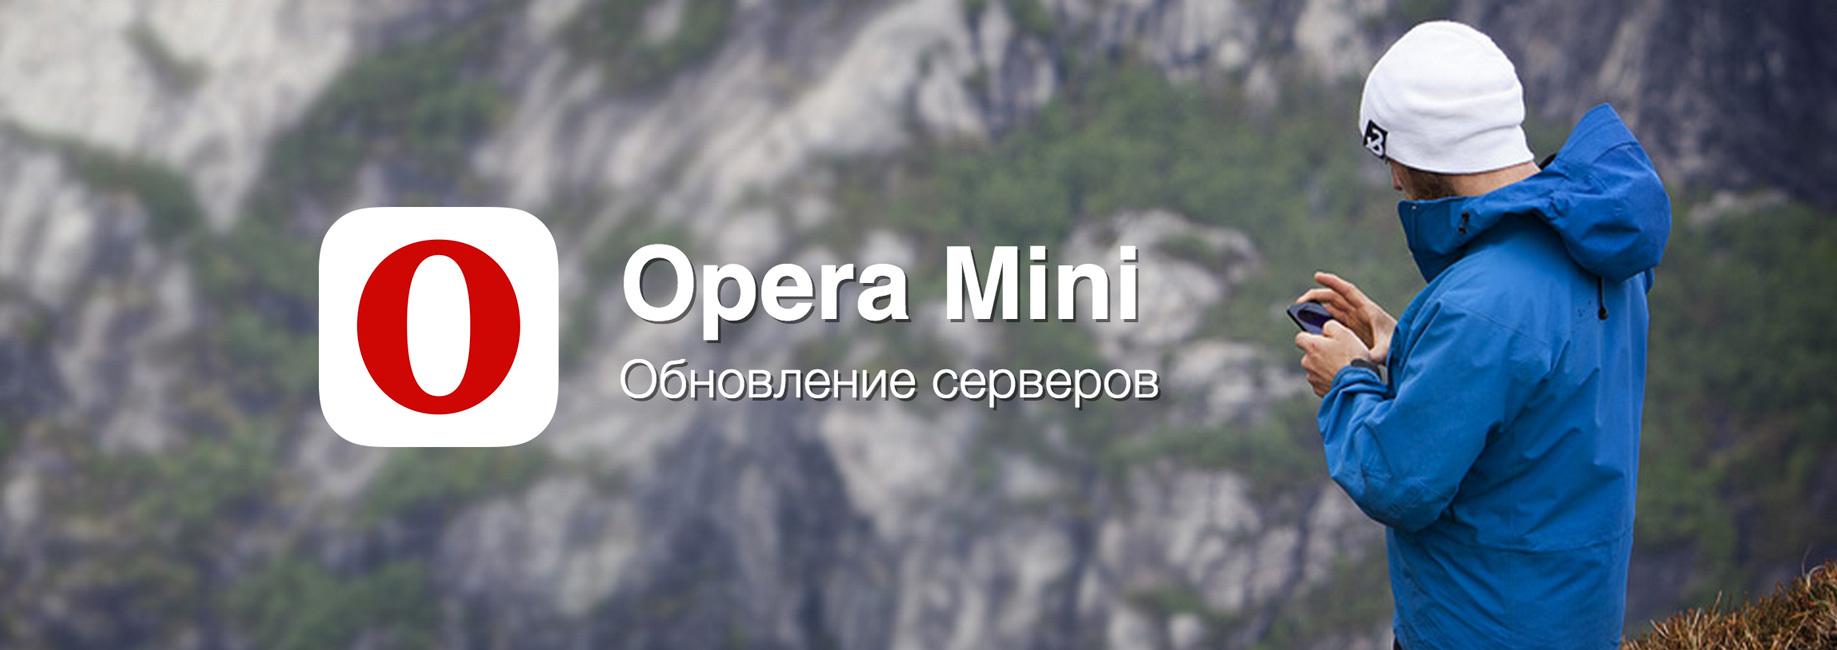 как прокси опера мини: